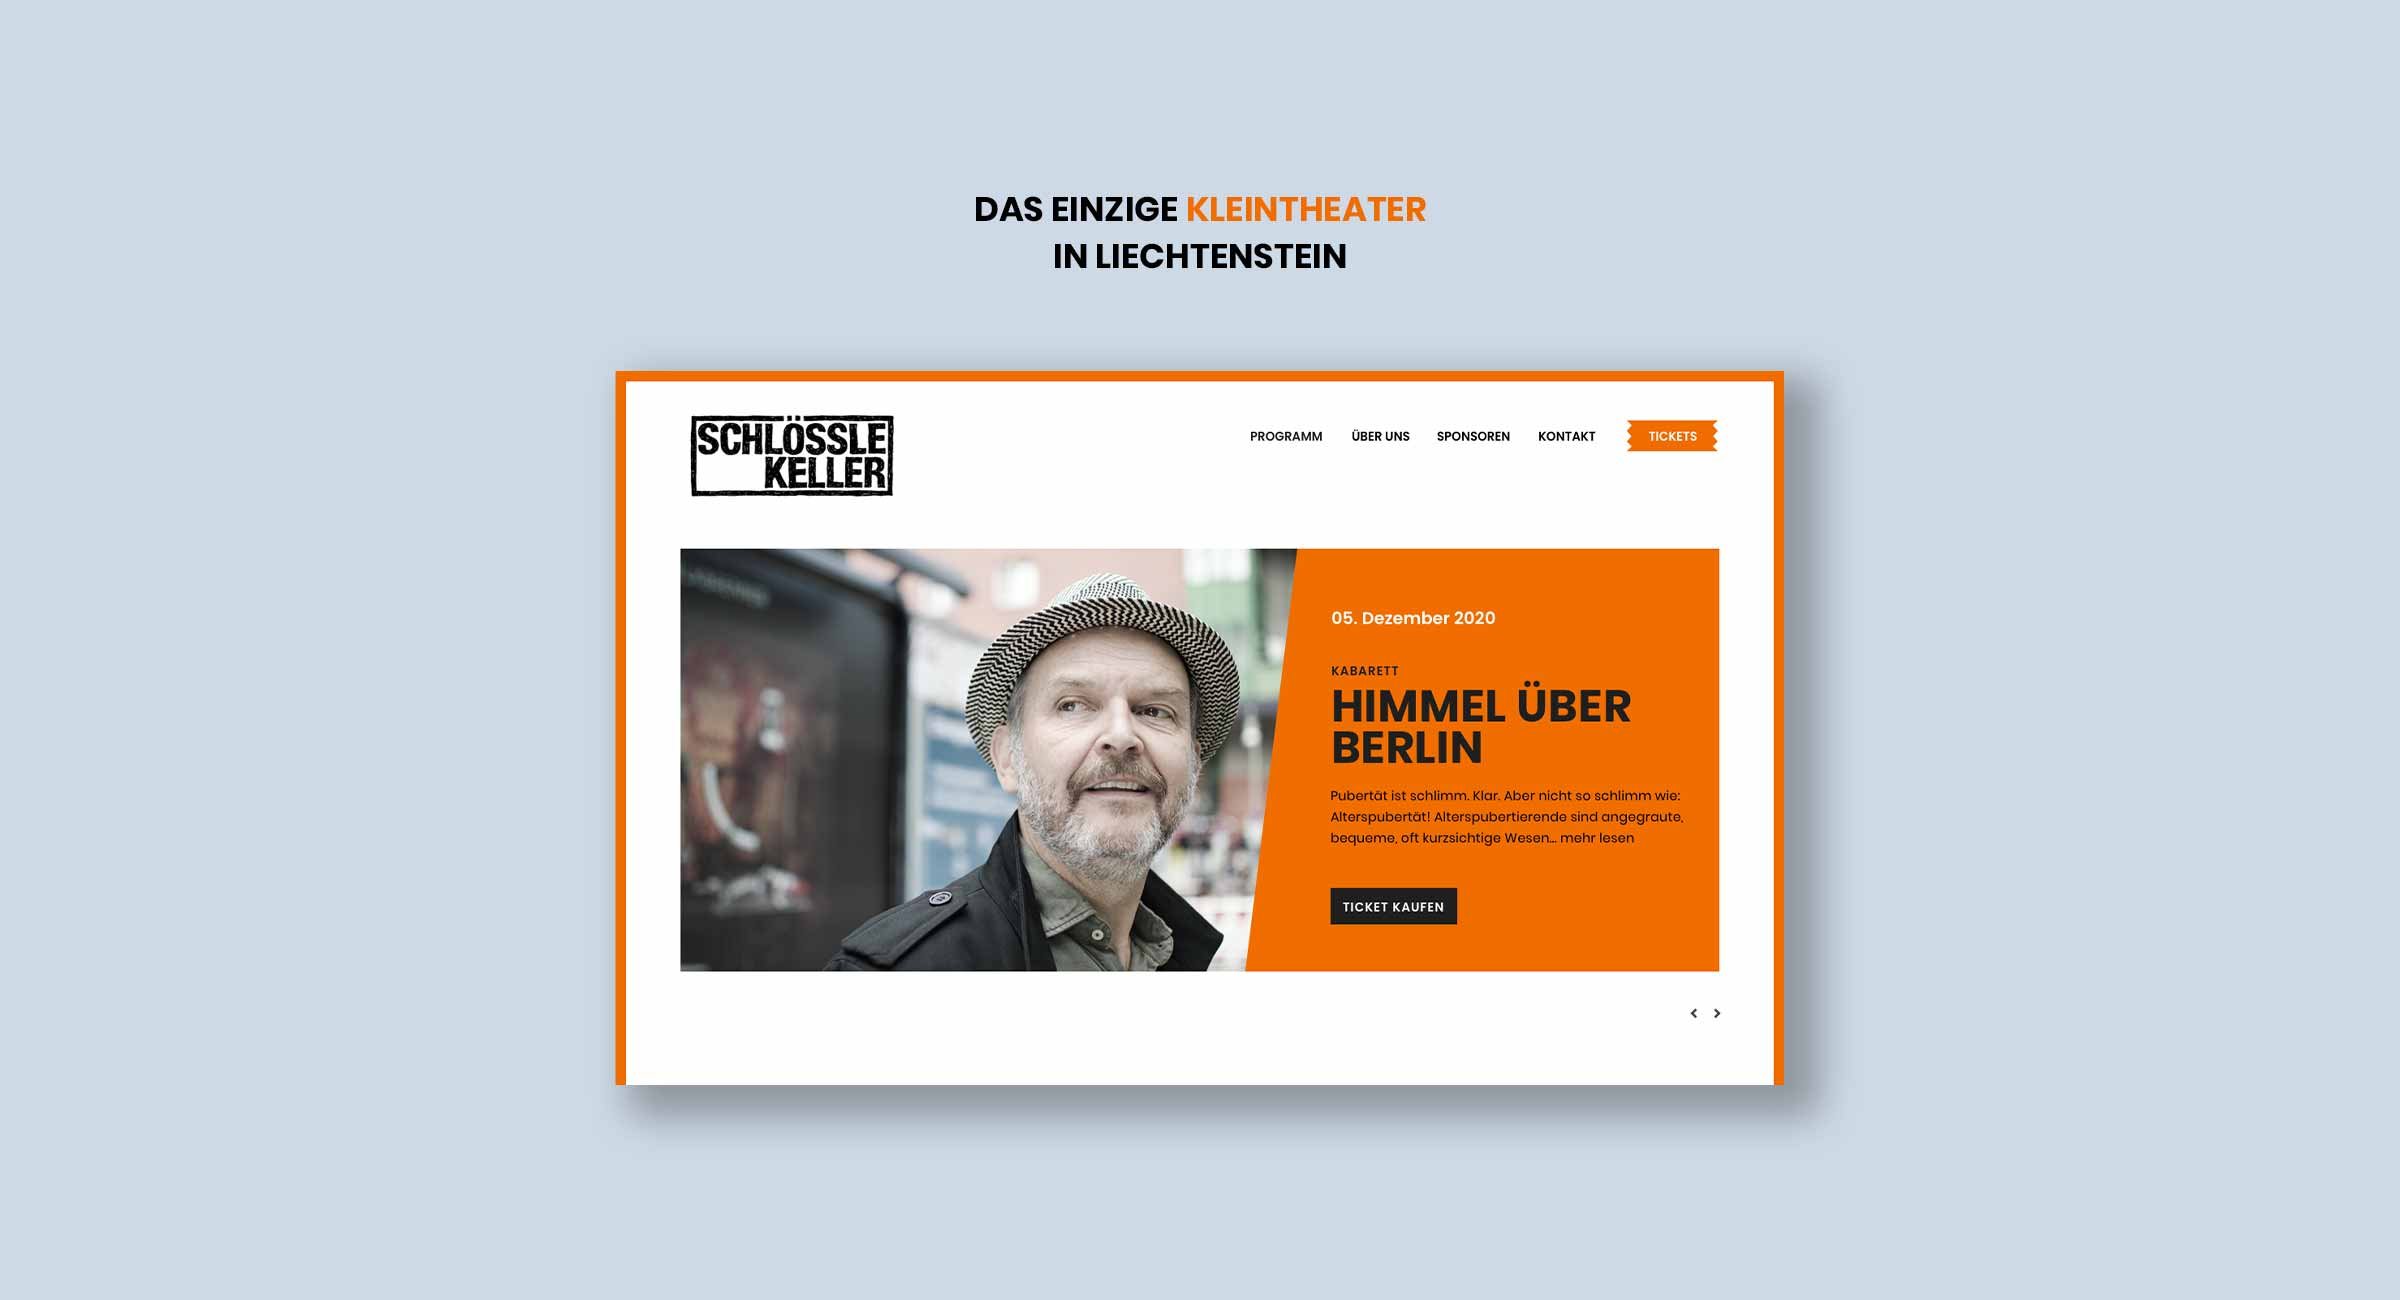 Webseiten Liechtenstein, Schloesslekeller